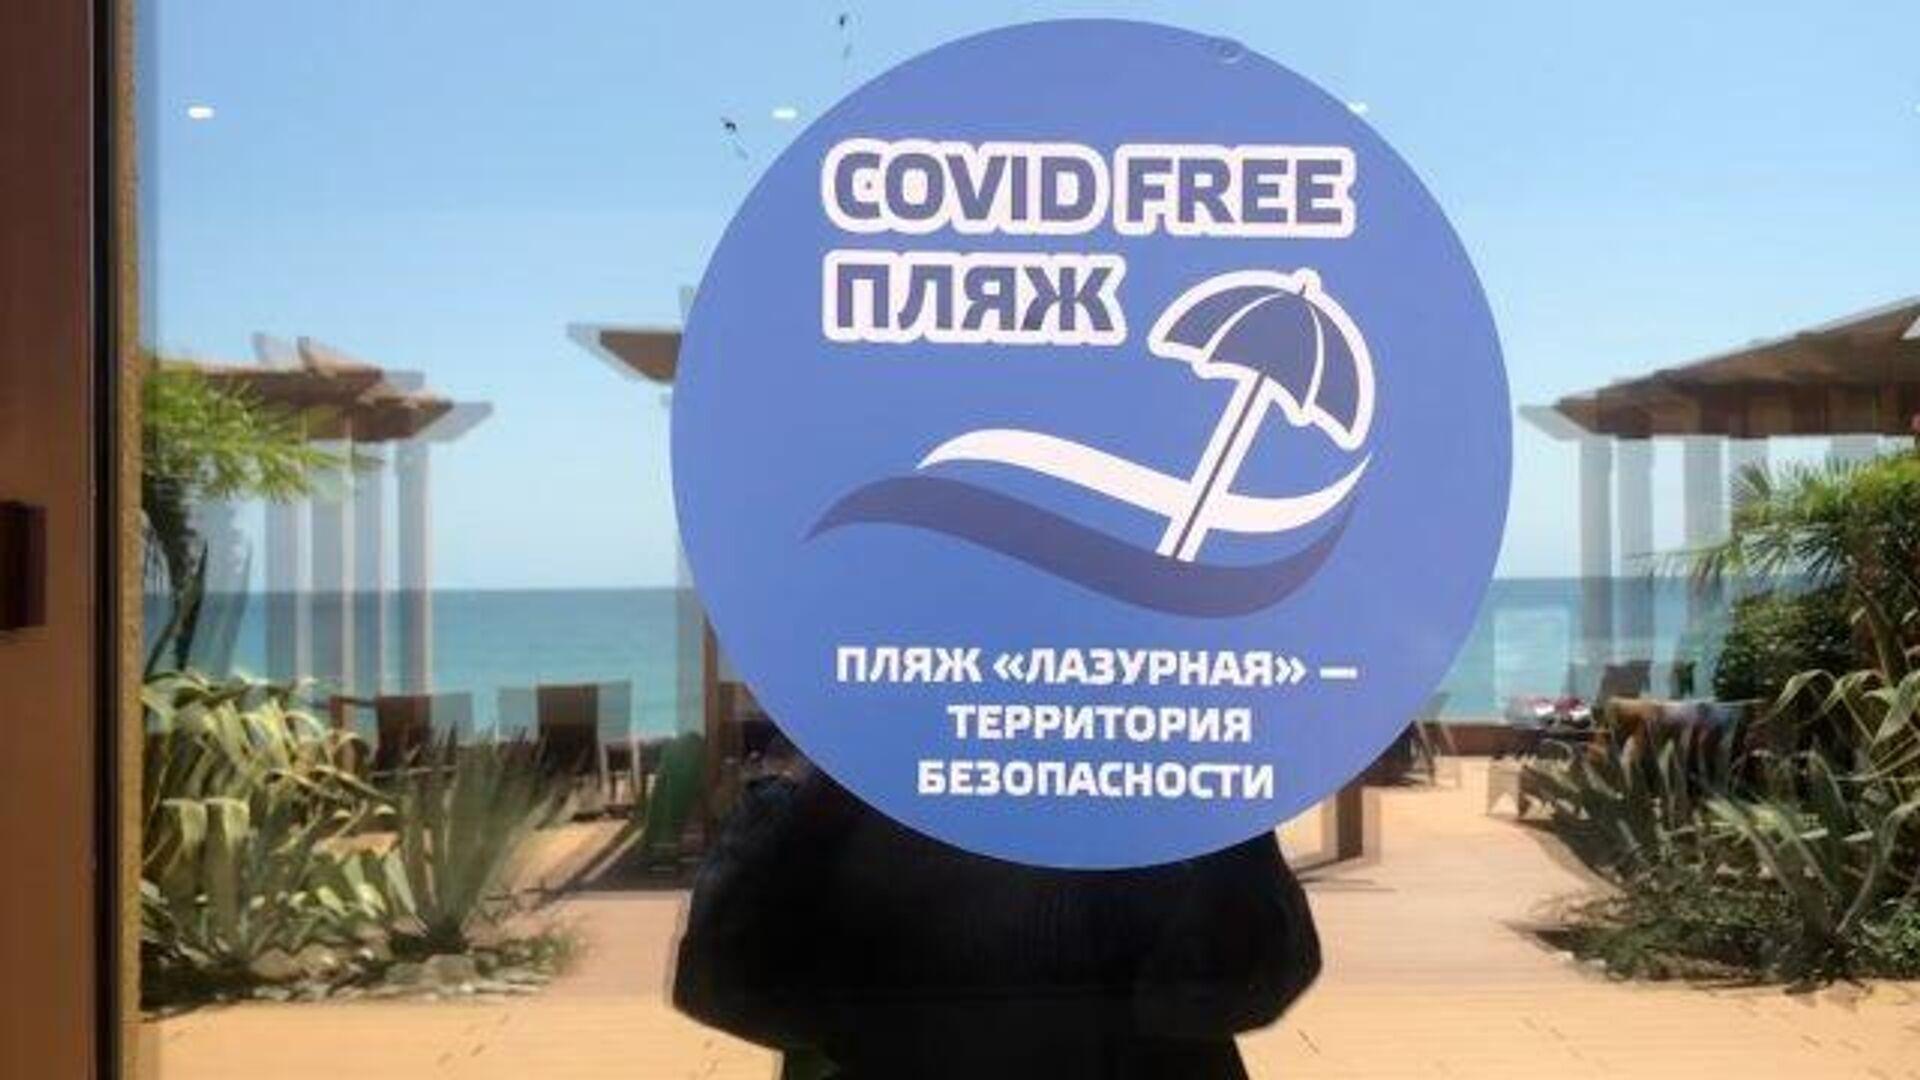 Covid-free: в Сочи начал работать первый свободный от коронавируса пляж - РИА Новости, 1920, 15.07.2021